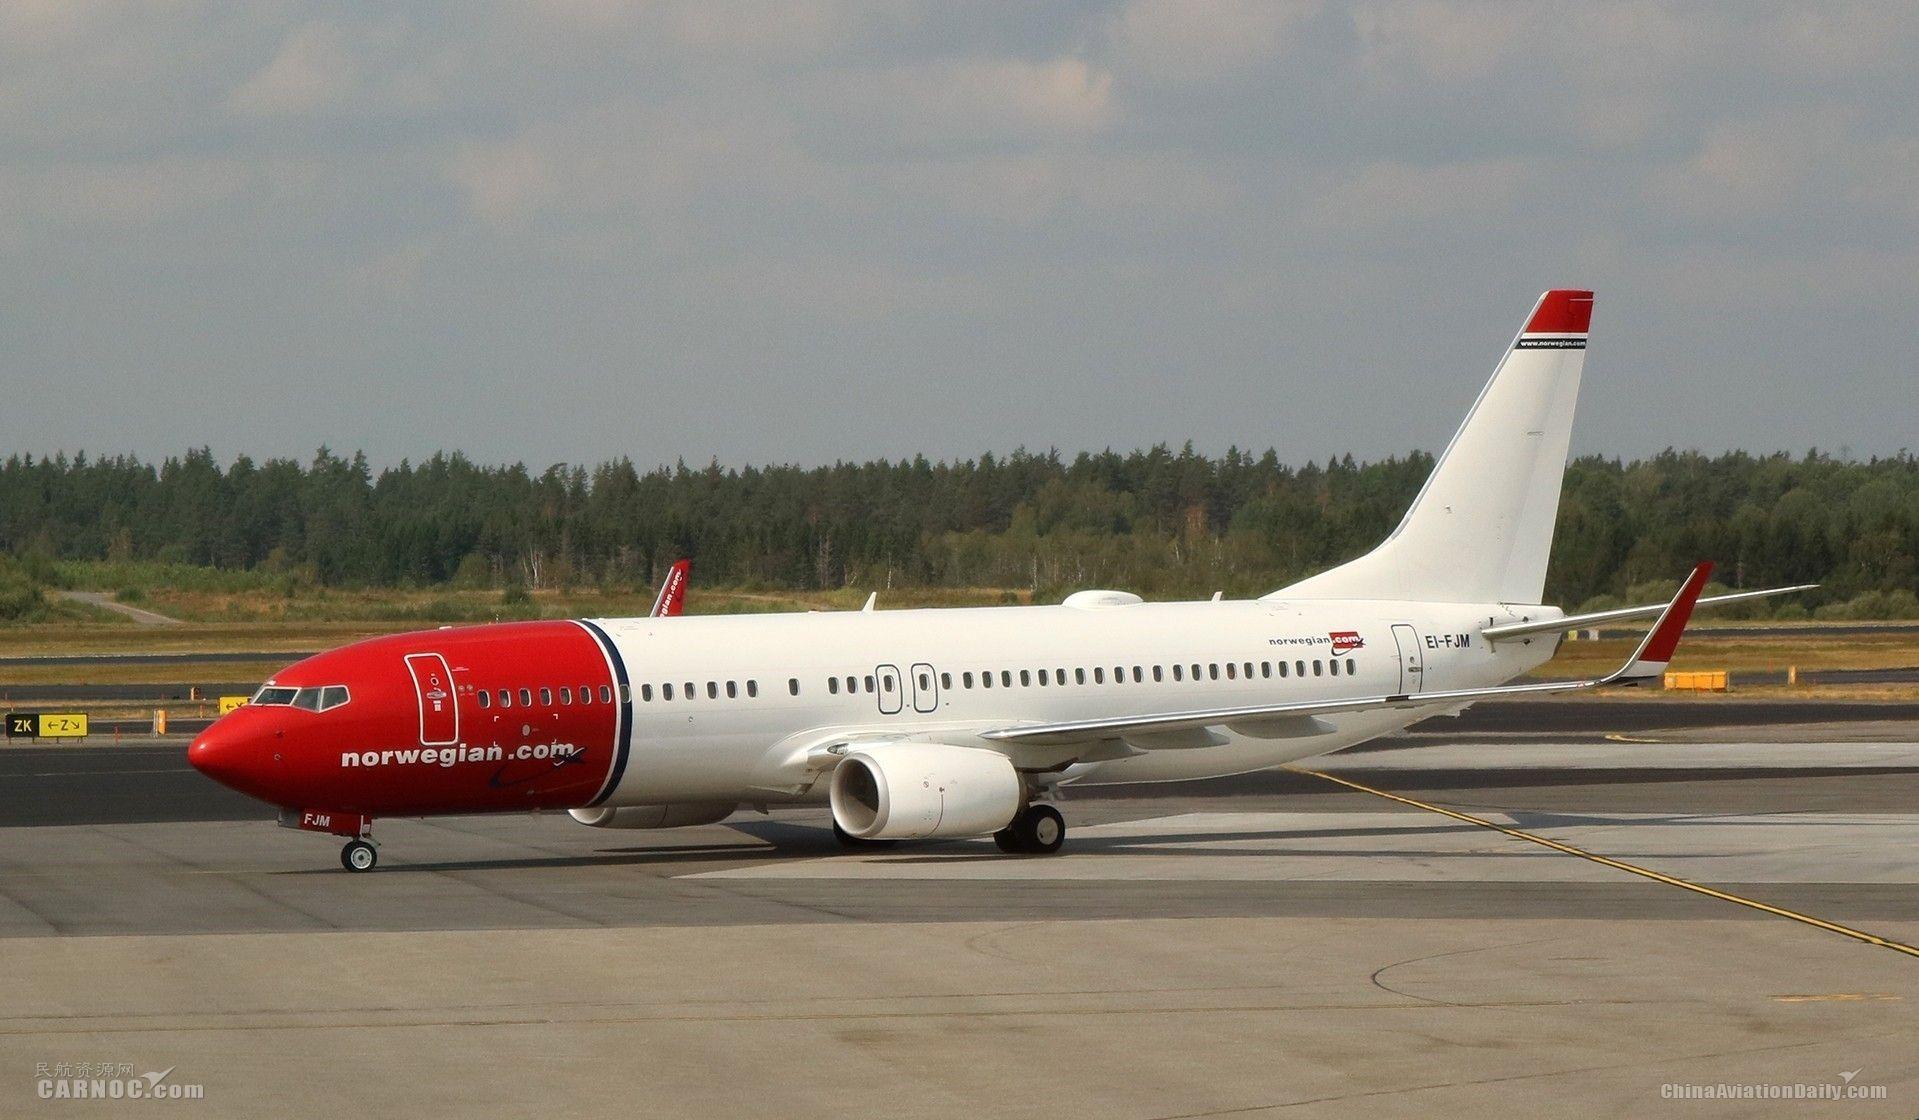 停飞737MAX陷入困境 挪威航空发行股票筹资2.7亿美元